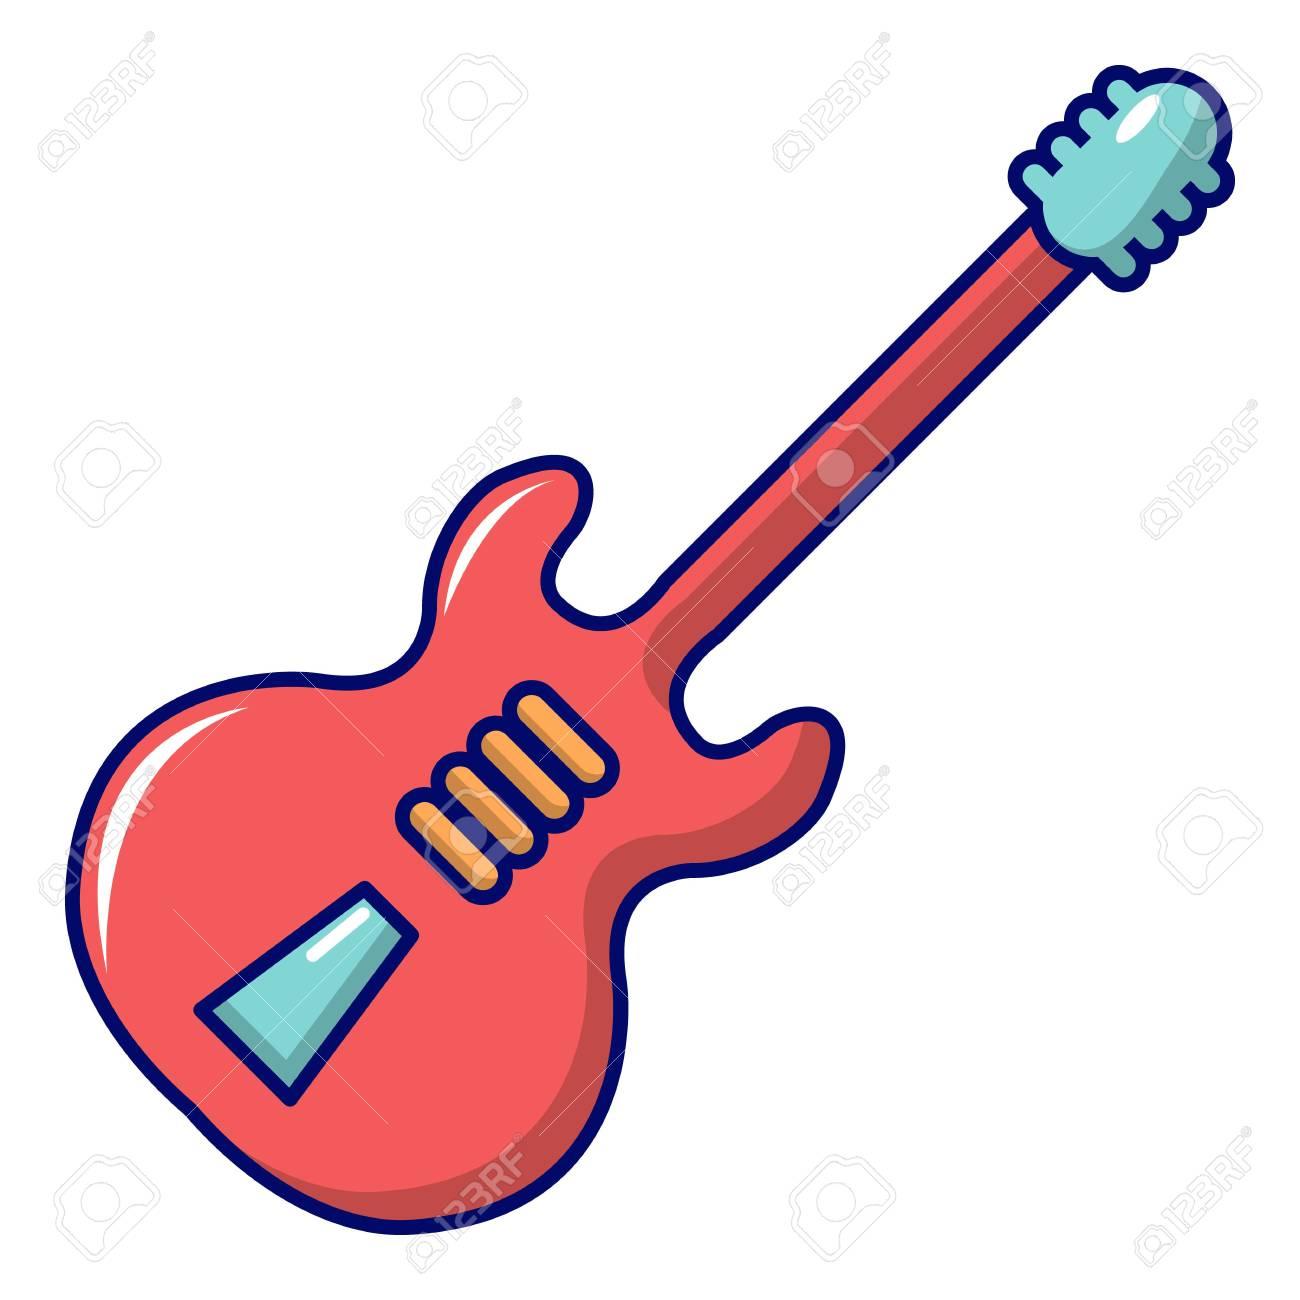 Icono De La Guitarra Eléctrica Ilustración De Dibujos Animados De Icono De Vector De Guitarra Eléctrica Para Diseño Web